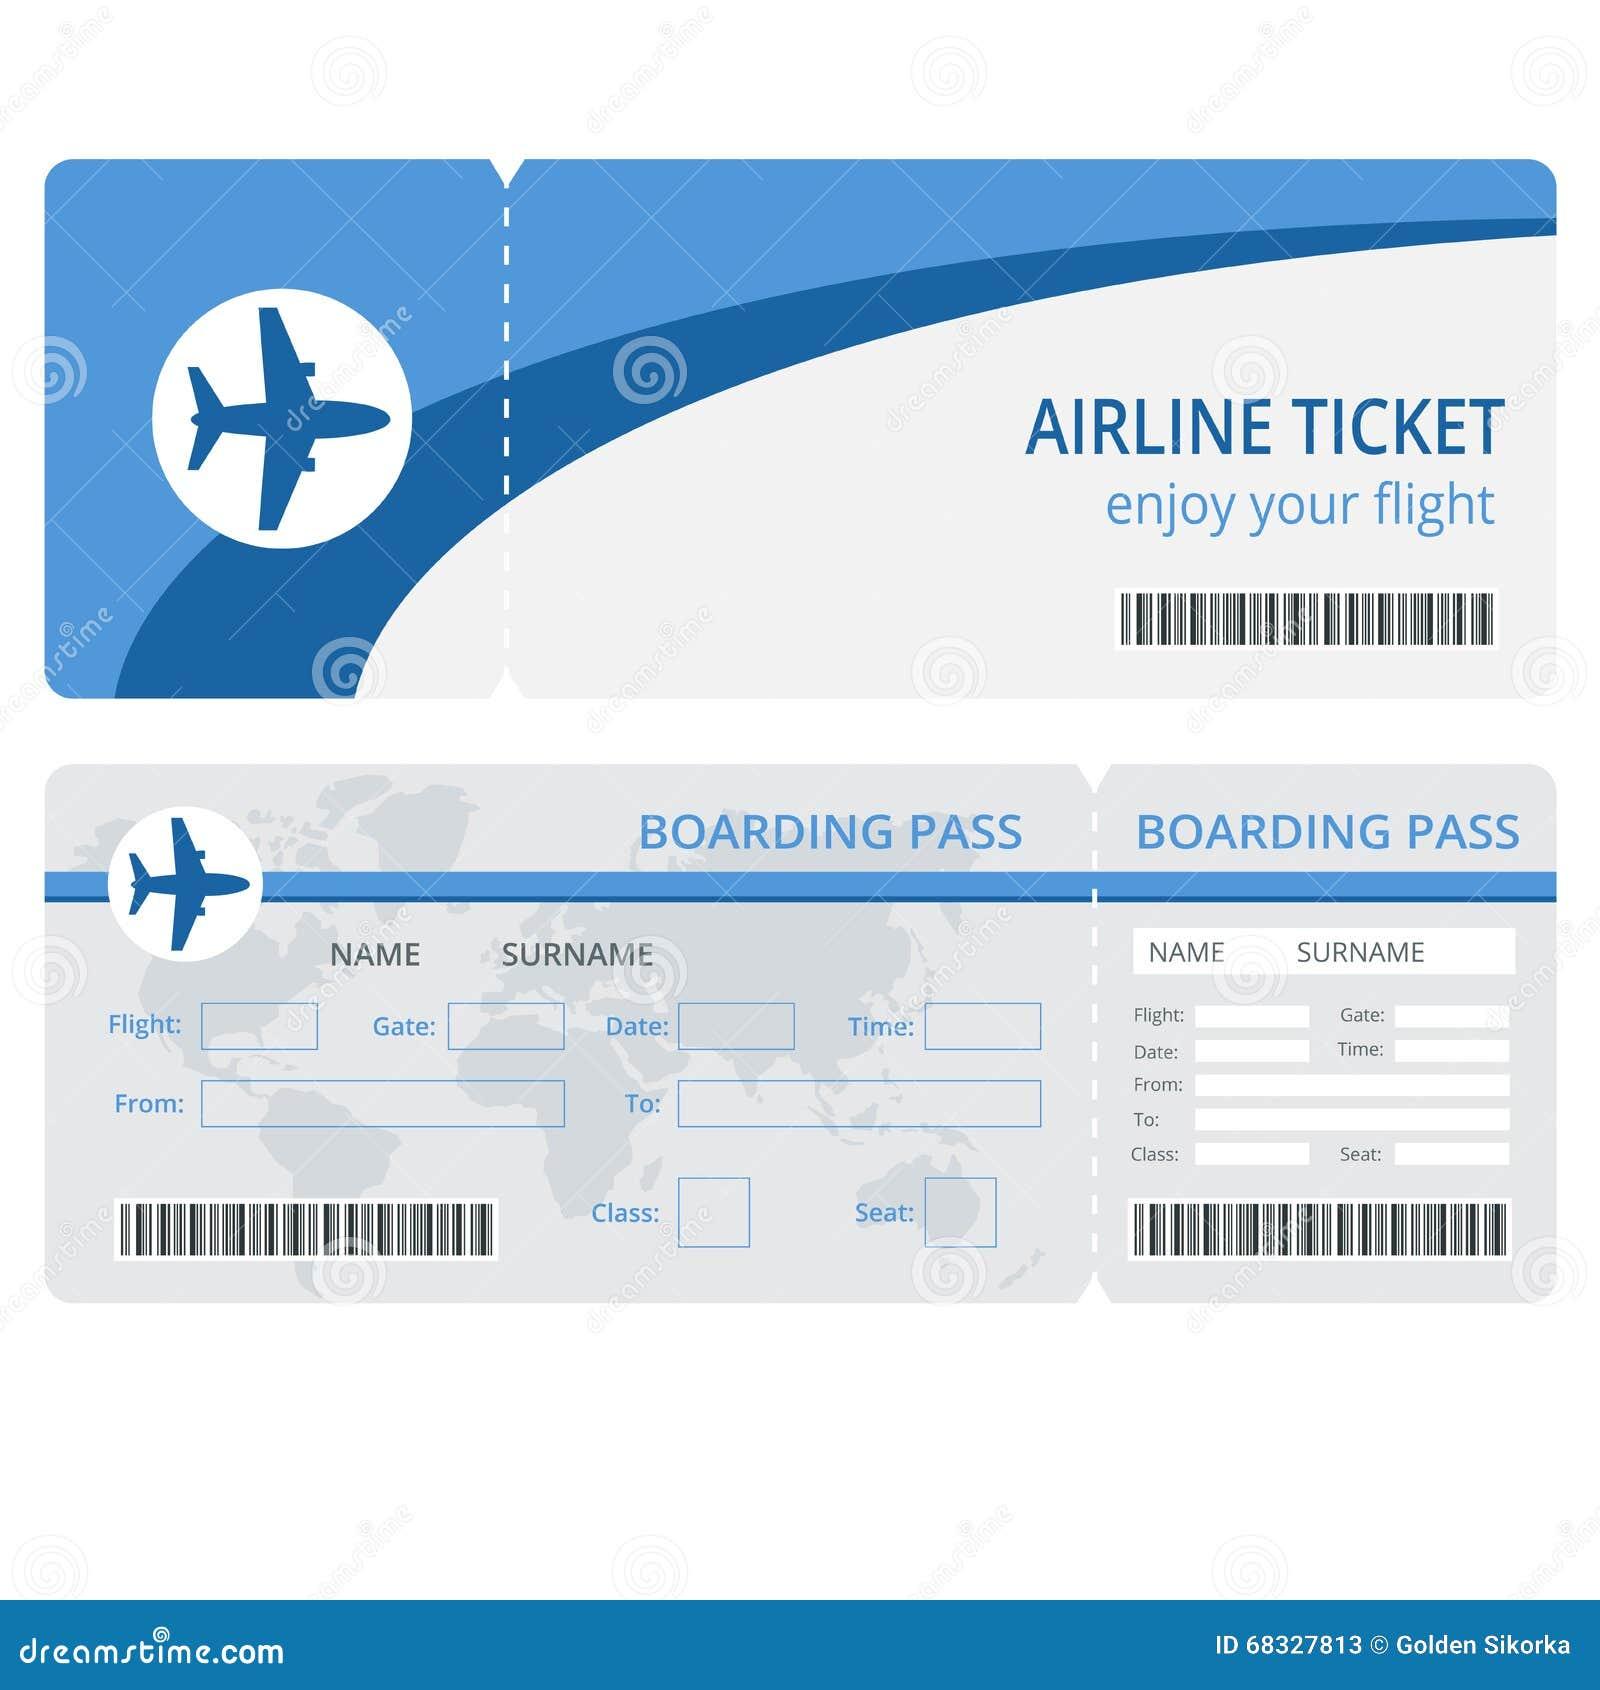 Дизайн билета на самолет Вектор билета на самолет Пустые изолированные билеты на самолет Пустые билеты на самолет EPS Вектор биле